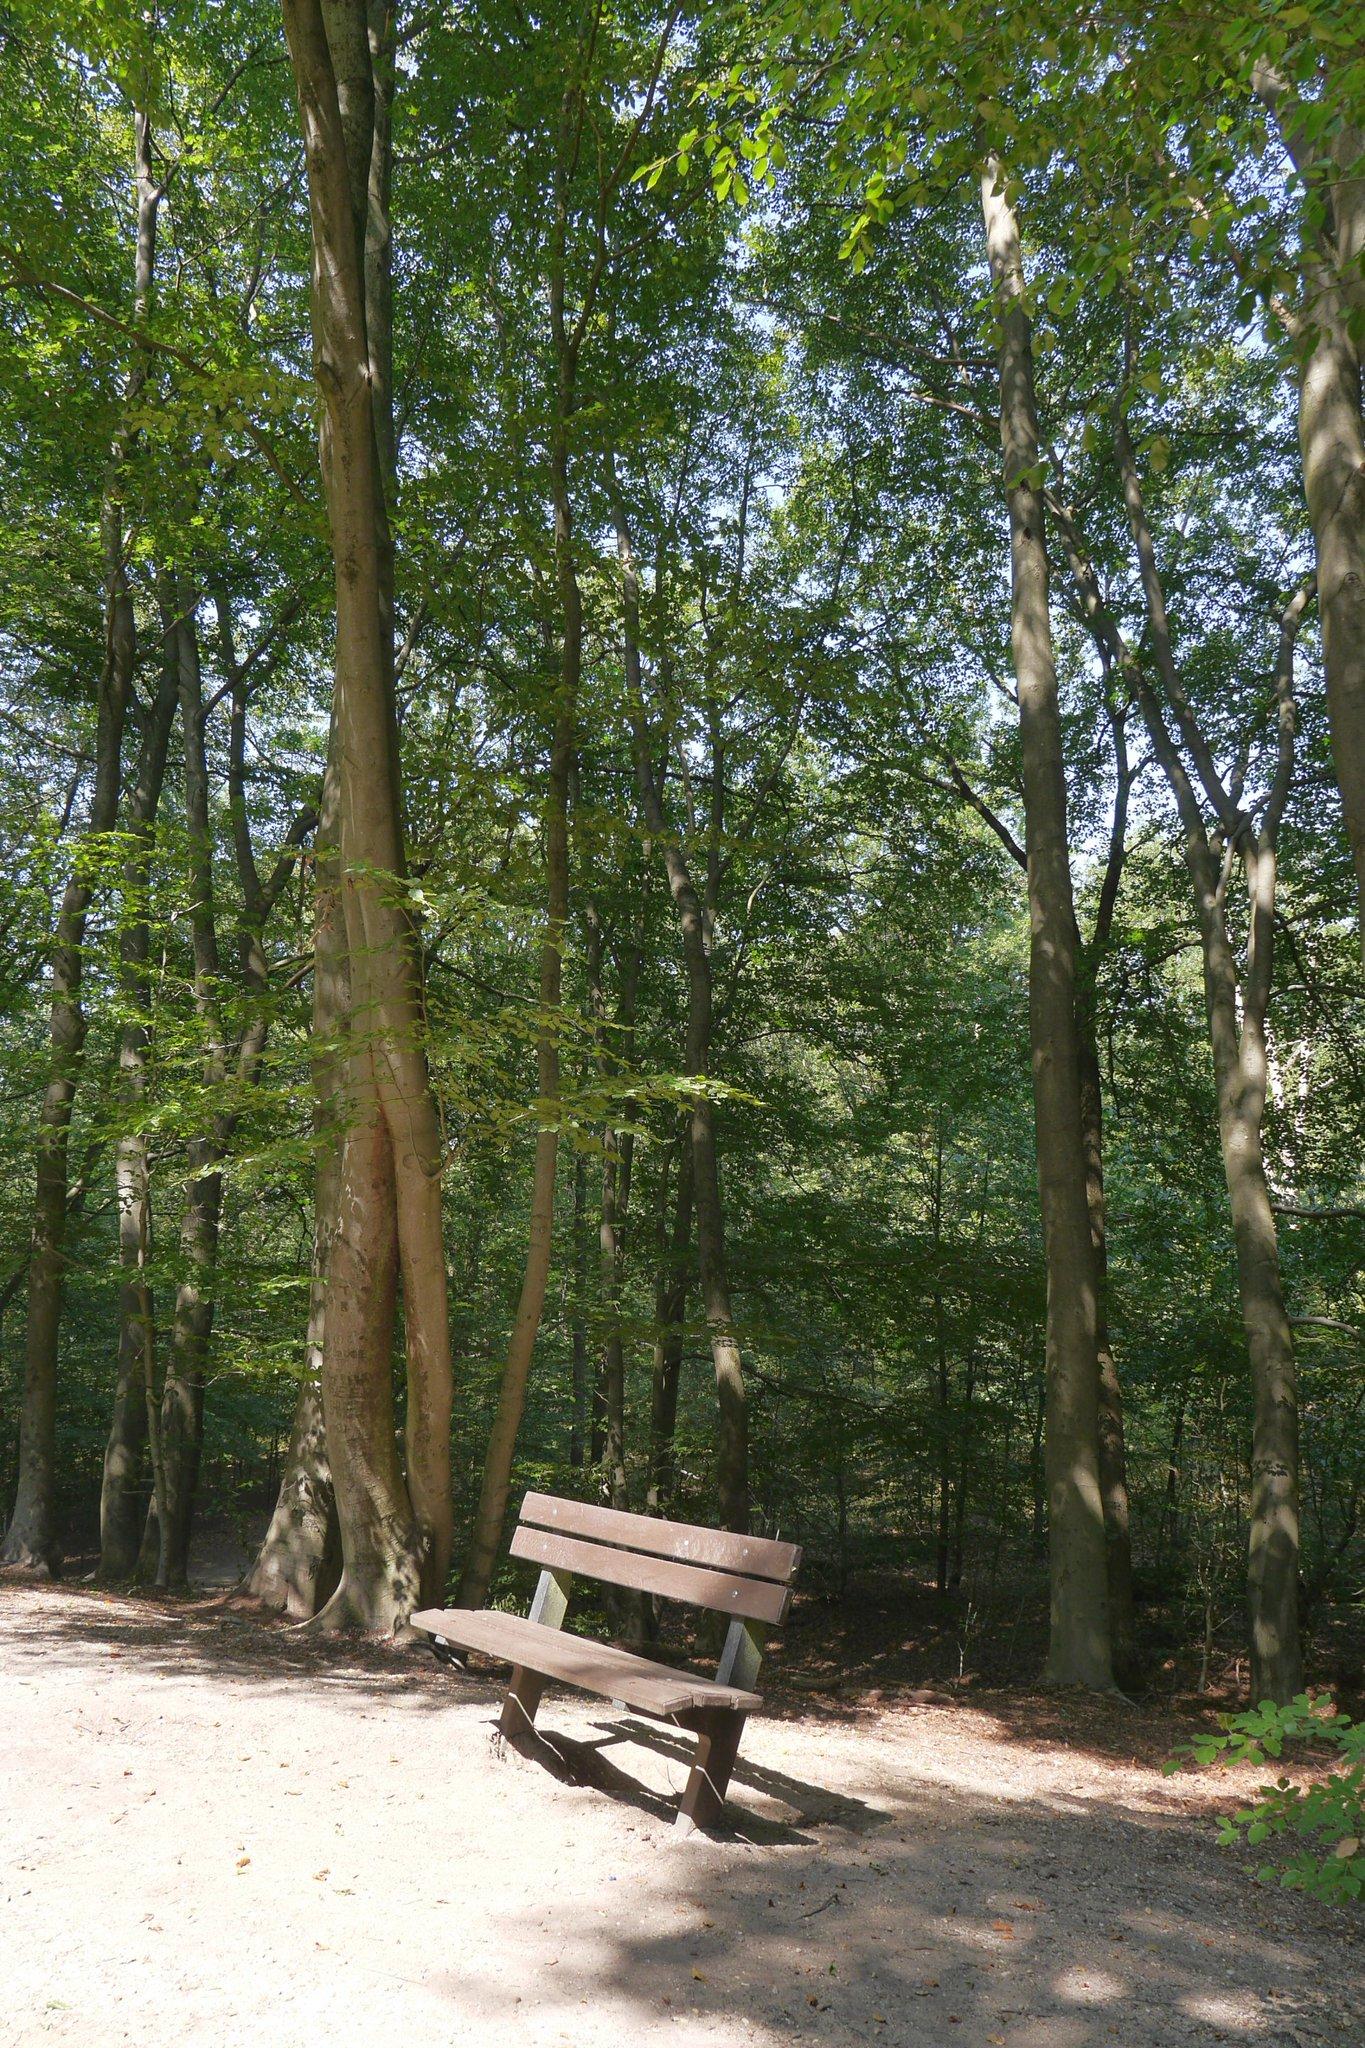 rt-arthurskm-voor-walkersbenches-en-wandelbankjes-in-de-bossen-achter-nijmegen-https-t-co-wvjyh7m9ck